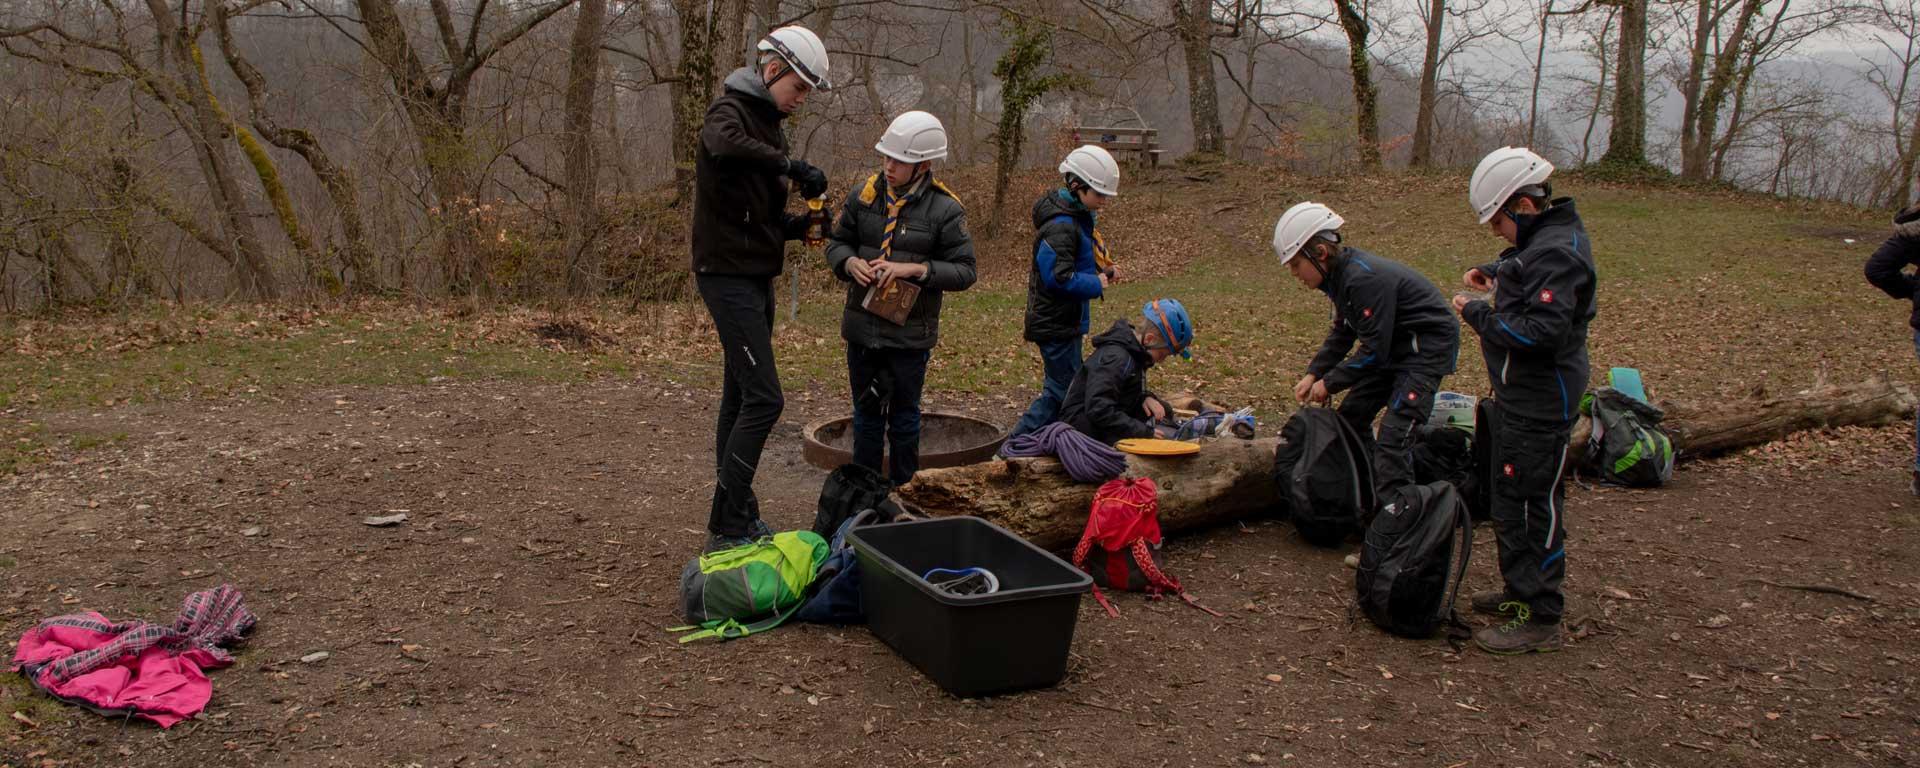 Abenteuer Höhlenerkundung